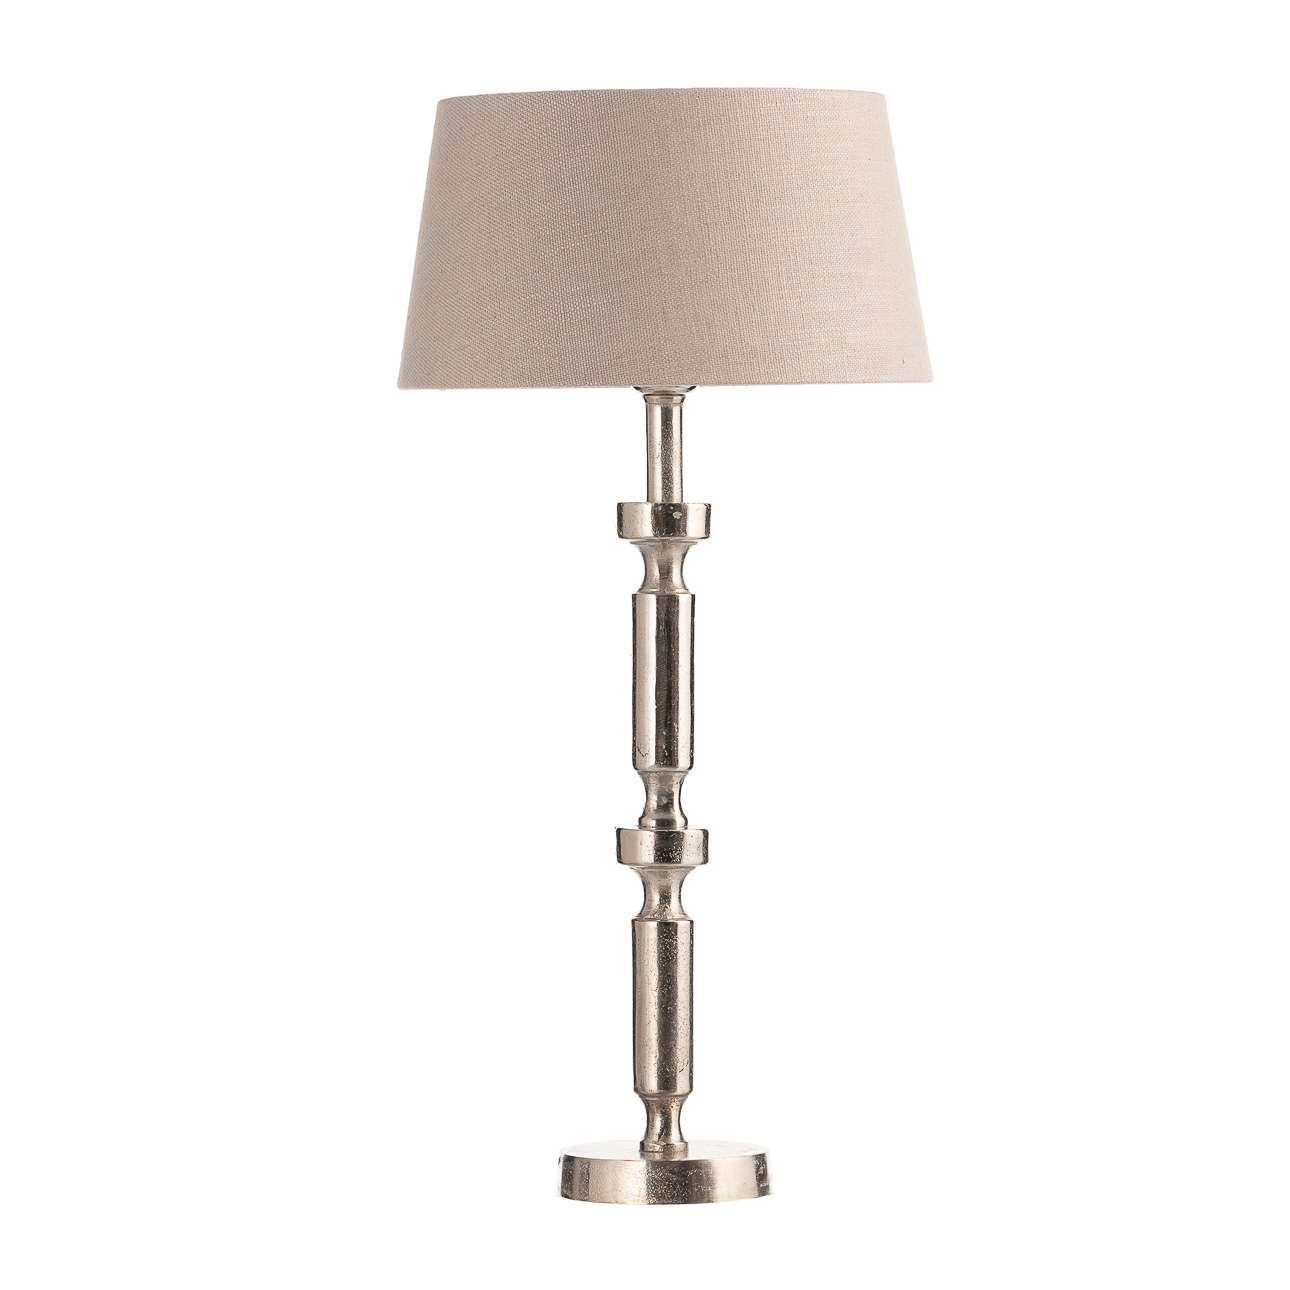 Vyšší stolní lampa Liv, výška 62 cm